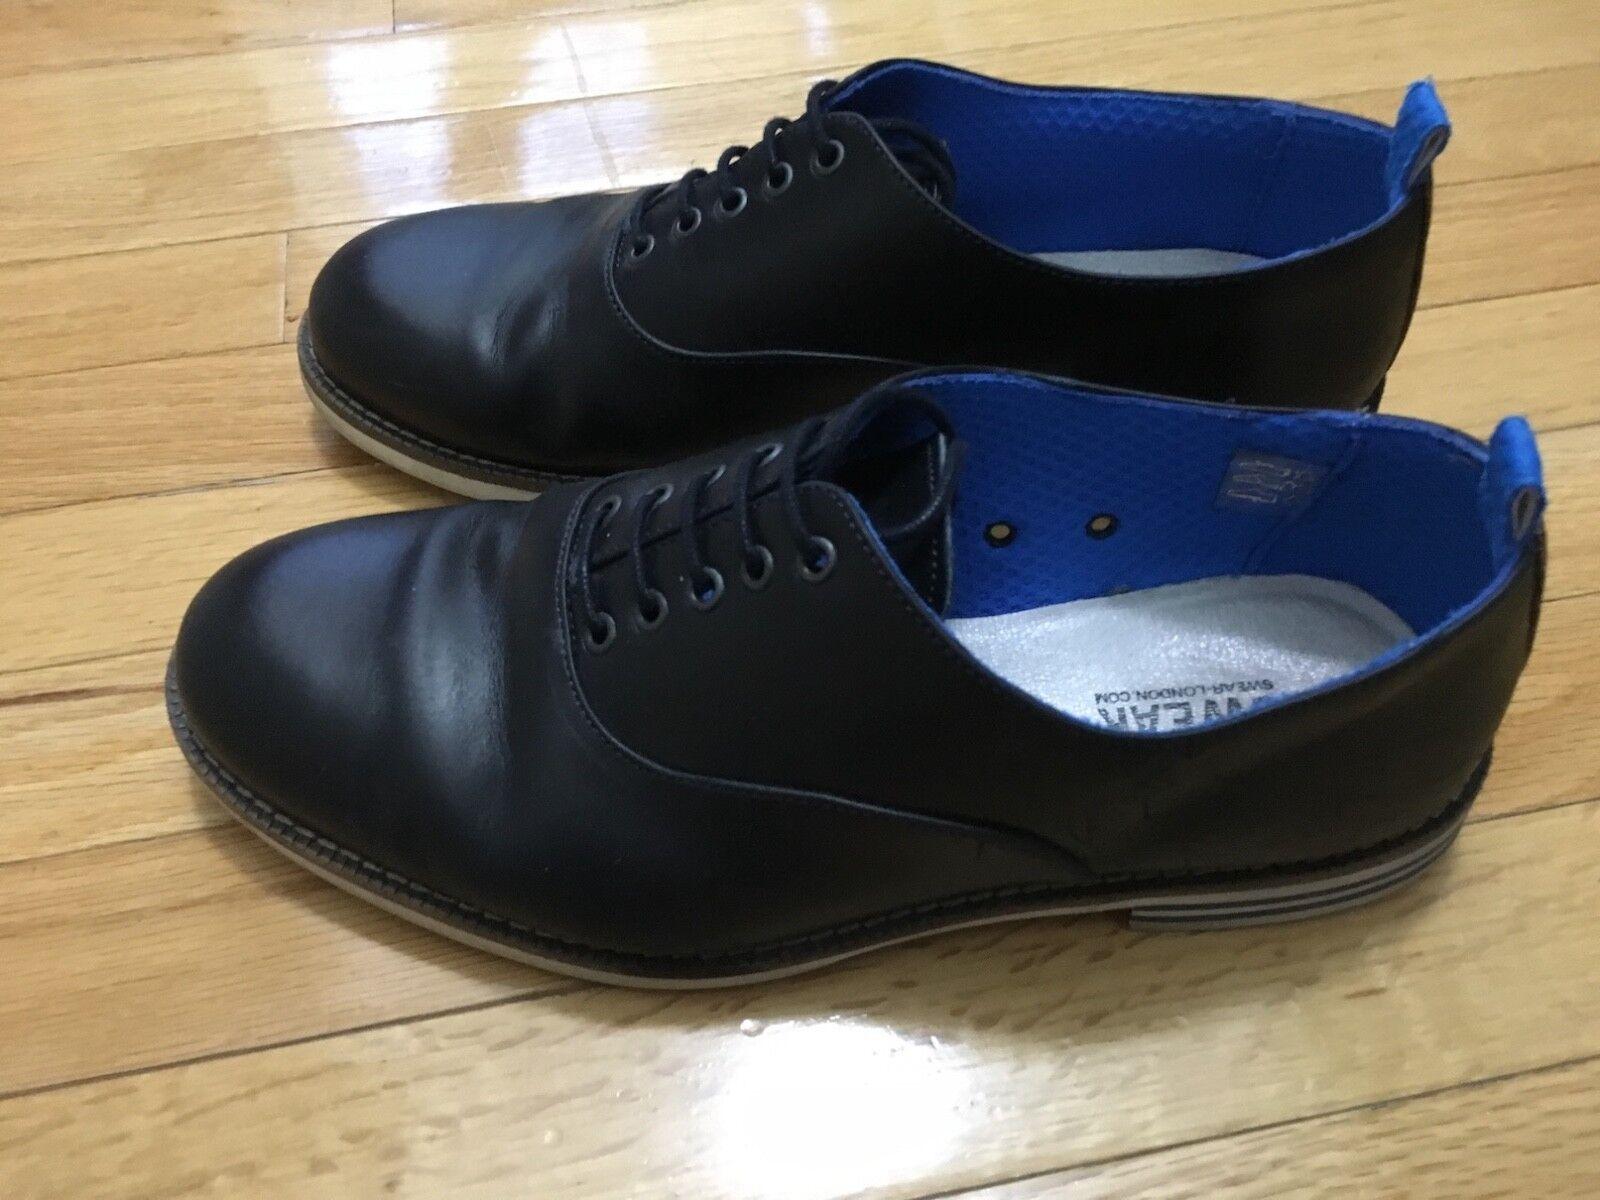 Swear London Chaplin 12 Zapatos de hombre Talla EE. UU. 12 Reino Unido 45 pre propiedad Buen Estado